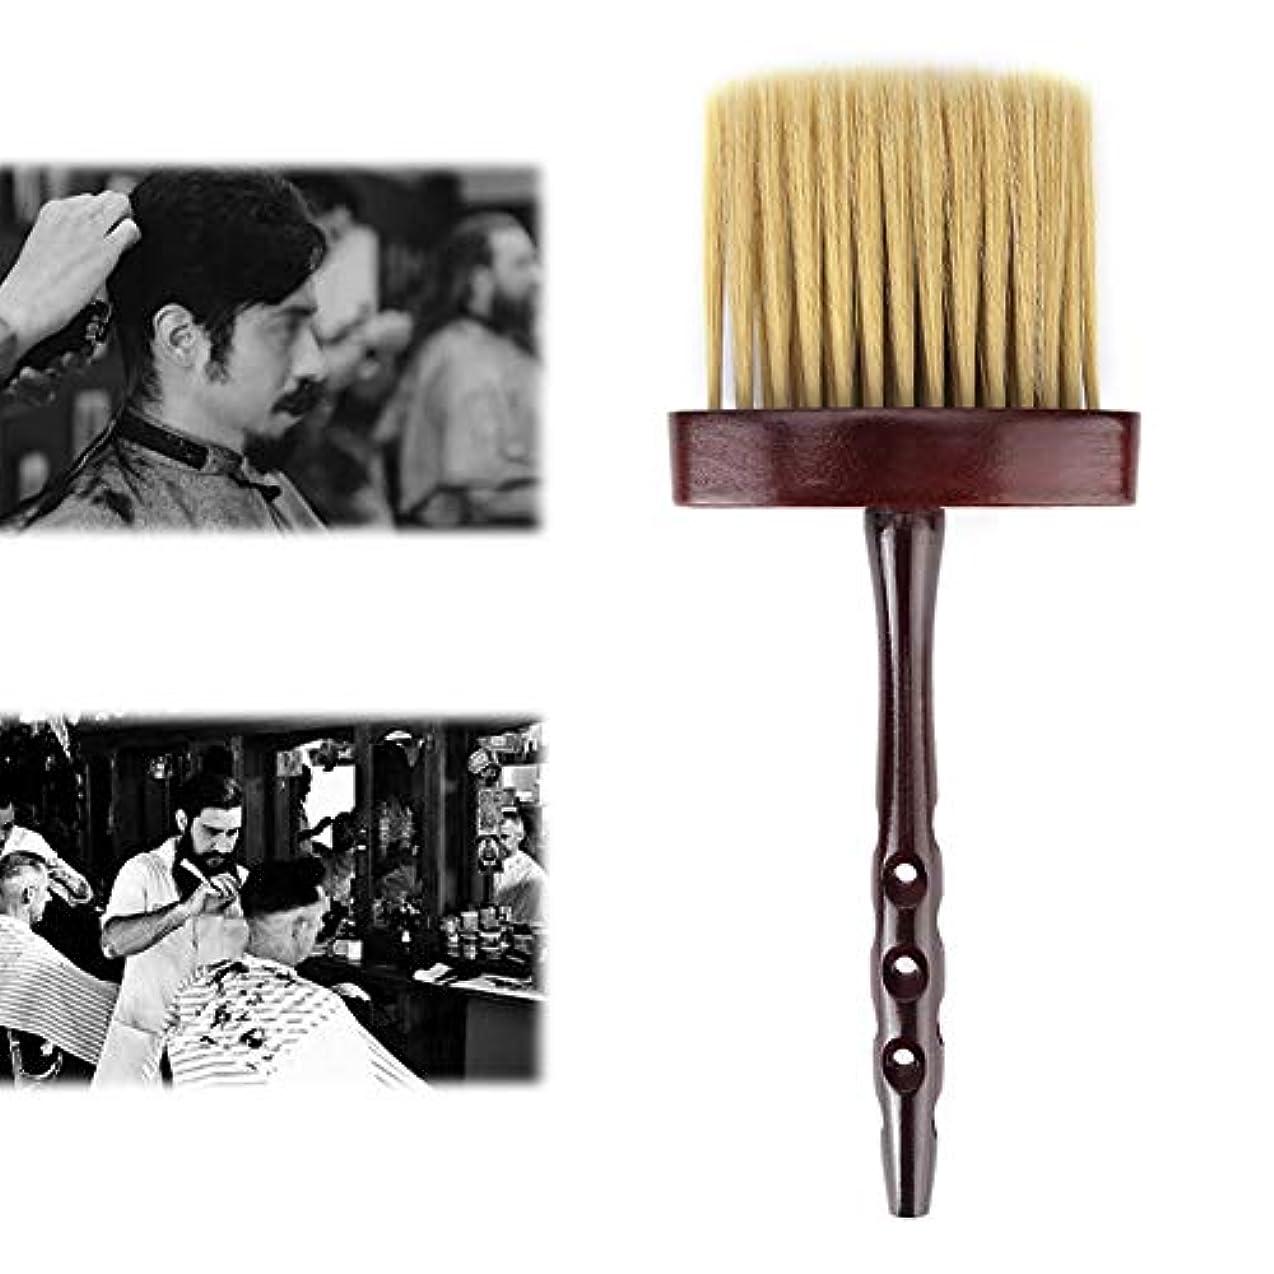 強調するズームインする幅ヘアカットクリーニングブラシ FidgetFidget ネックフェイスダスターブラシサロンヘアクリーニングブラシヘアカット理髪スイープコーム